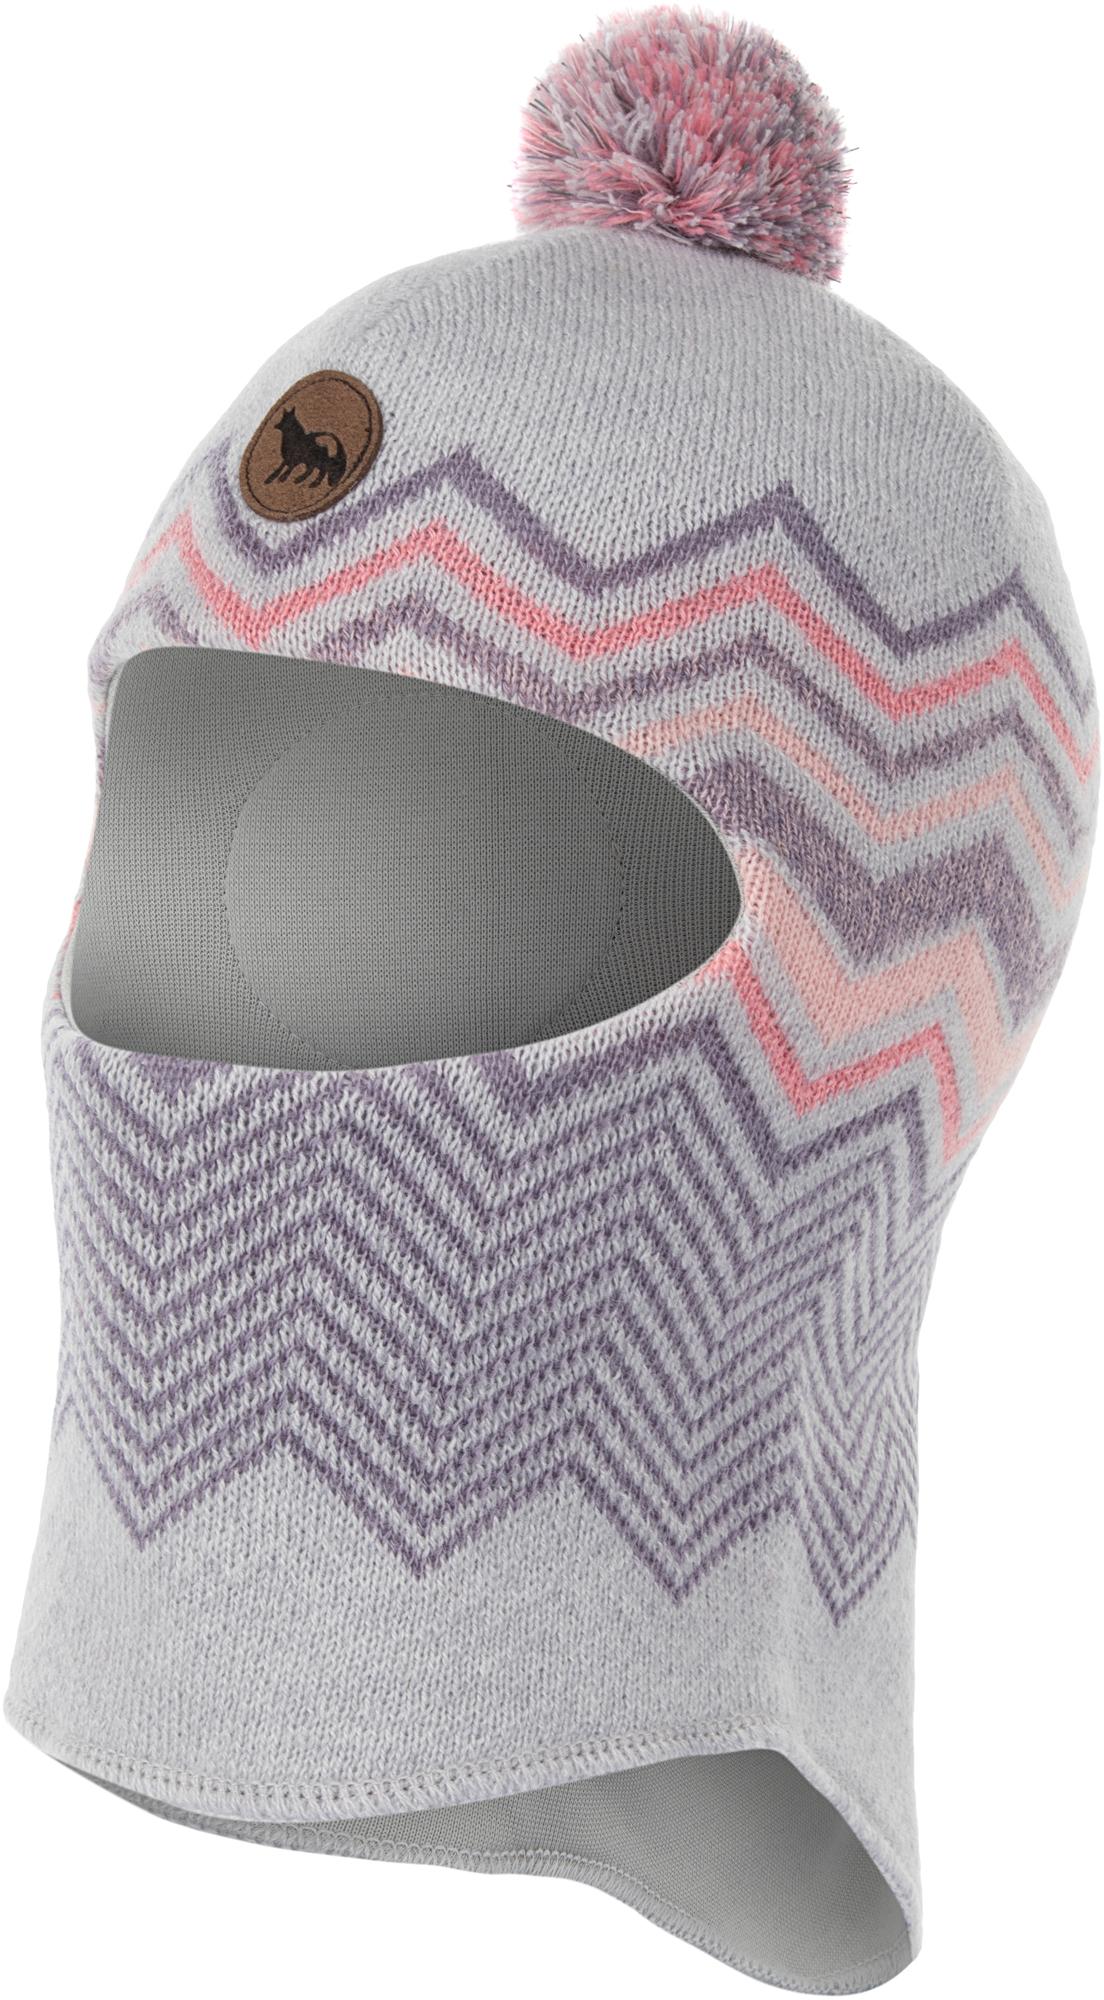 Outventure Шапка-шлем для девочек Outventure, размер 52 шапка детская vilukissa шапка шлем nea зимняя для девочки серая